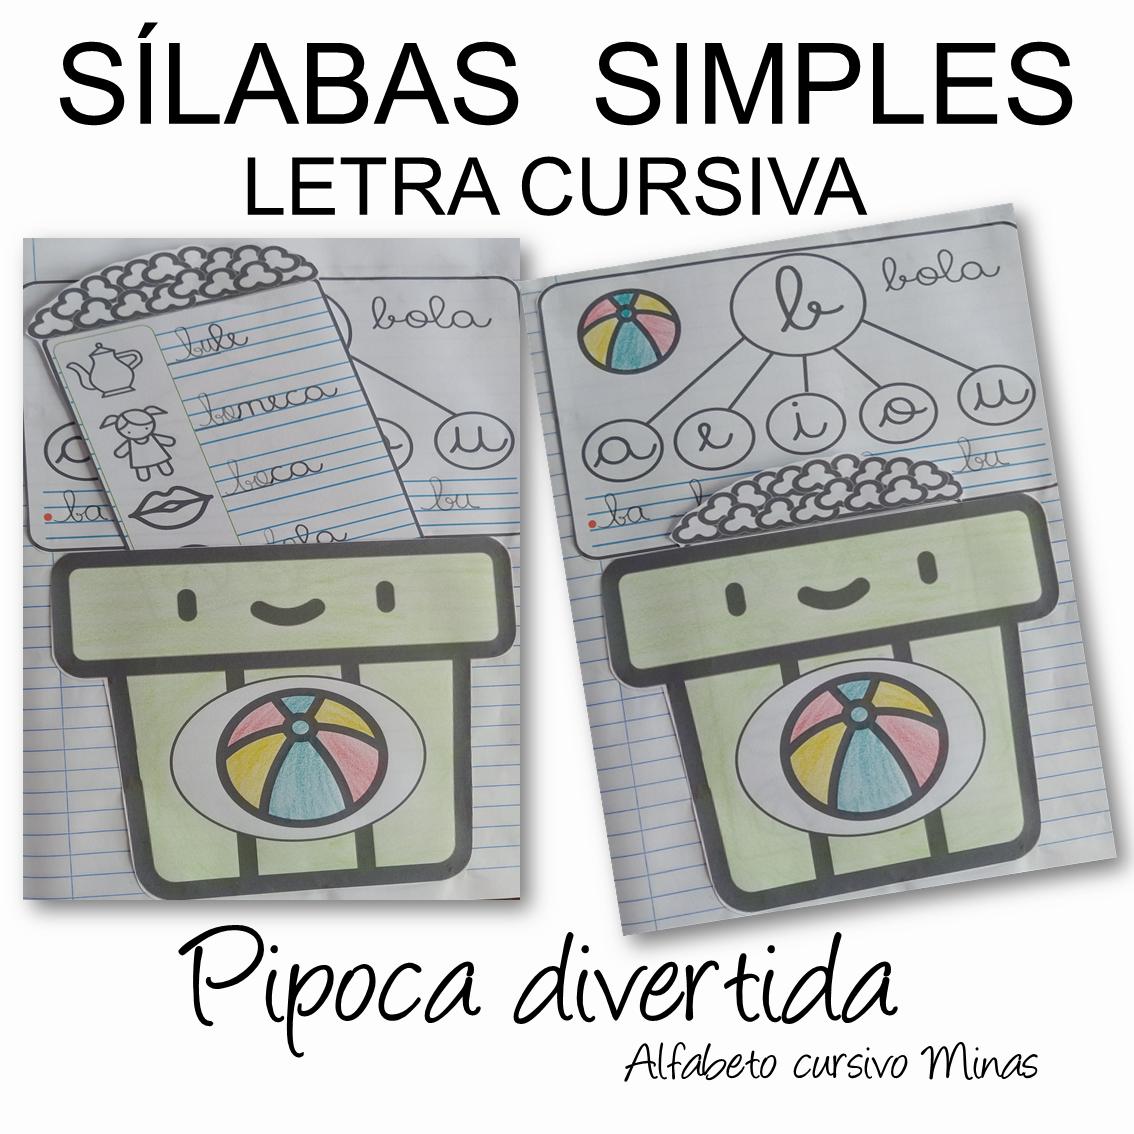 Foto 1 - Sílabas simples letra cursiva Pipoca Divertida com todas as letras